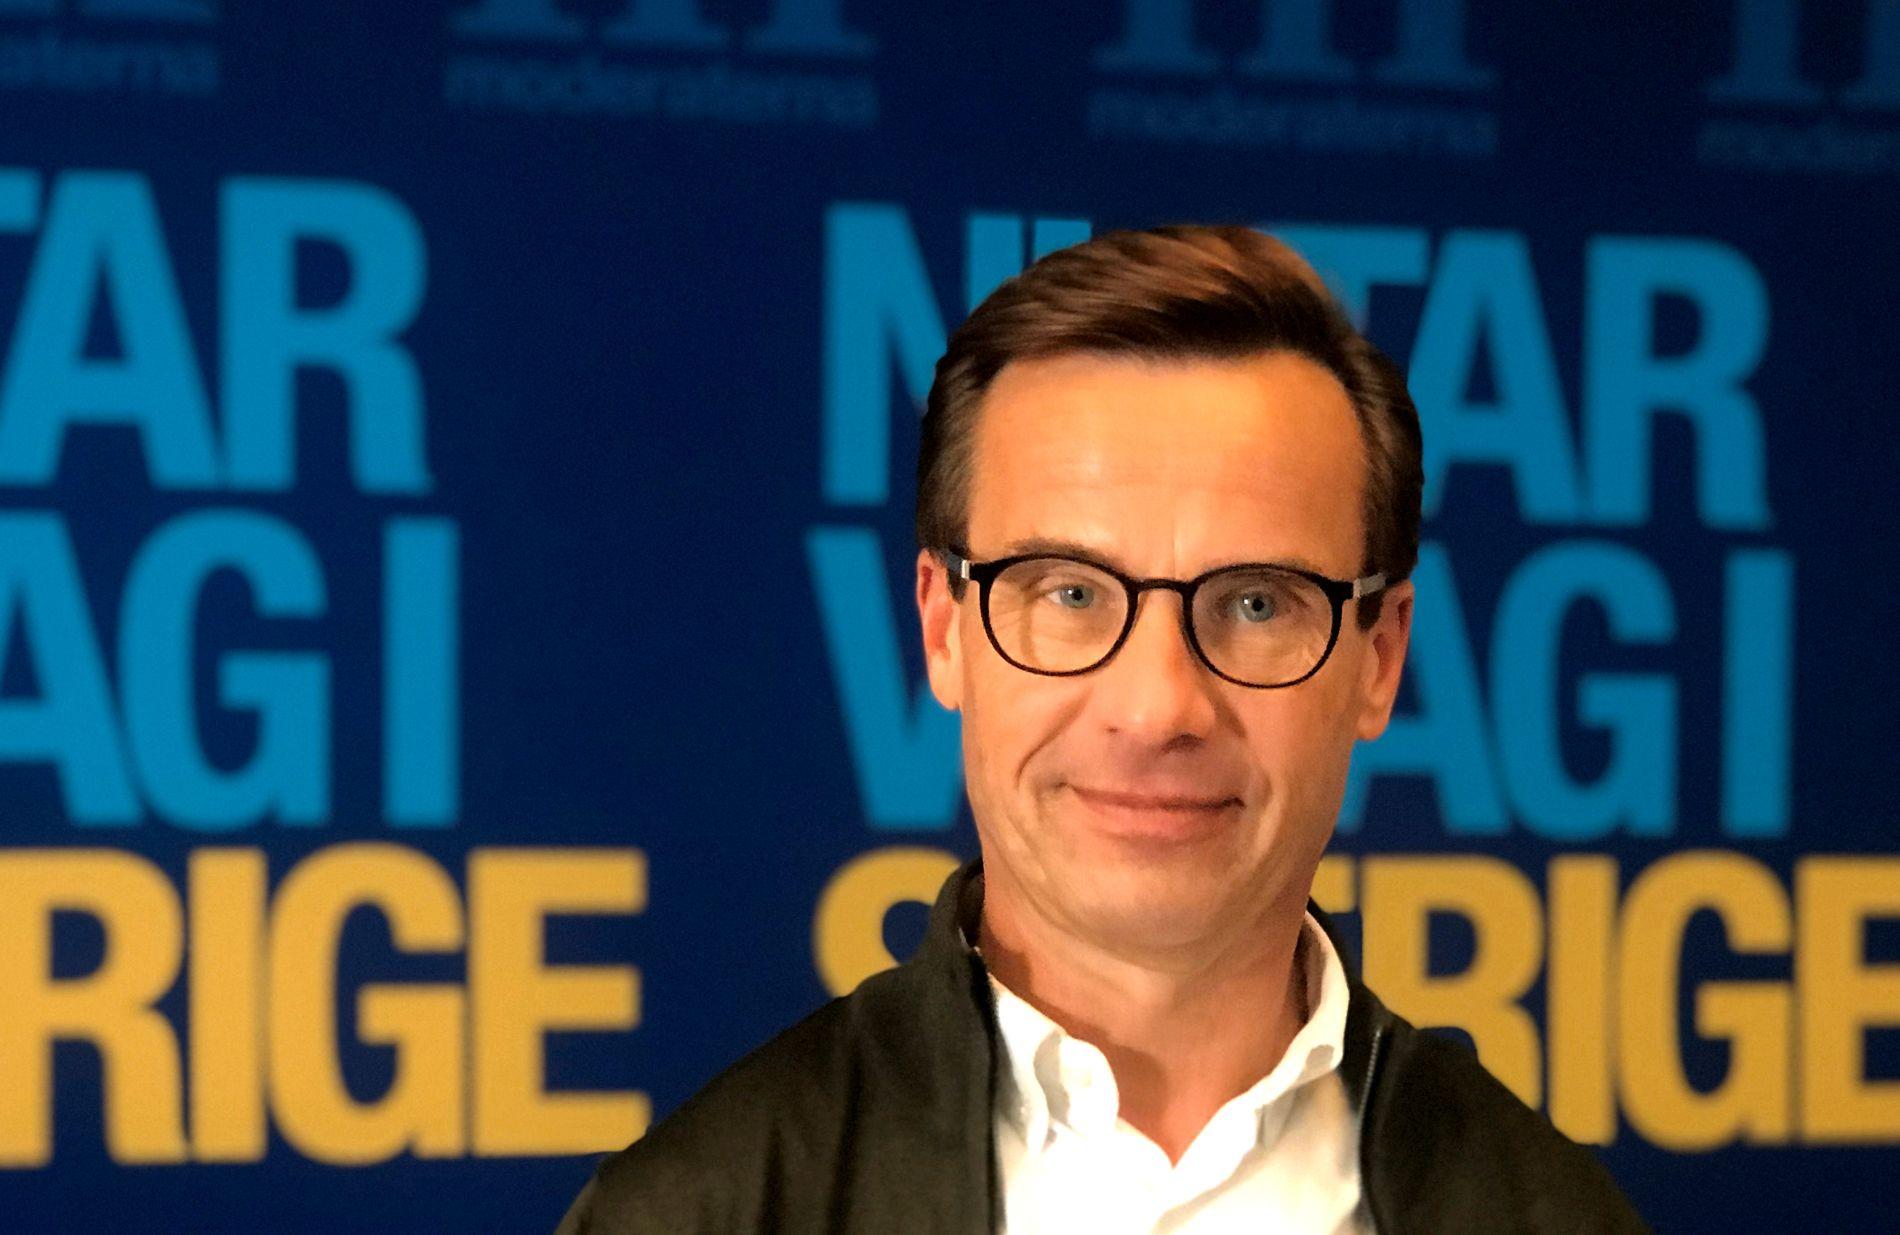 STATSMINISTERKANDIDAT: Moderaternas leder Ulf Kristersson er statsministerkandidat for den borgerlige blokken Alliansen.